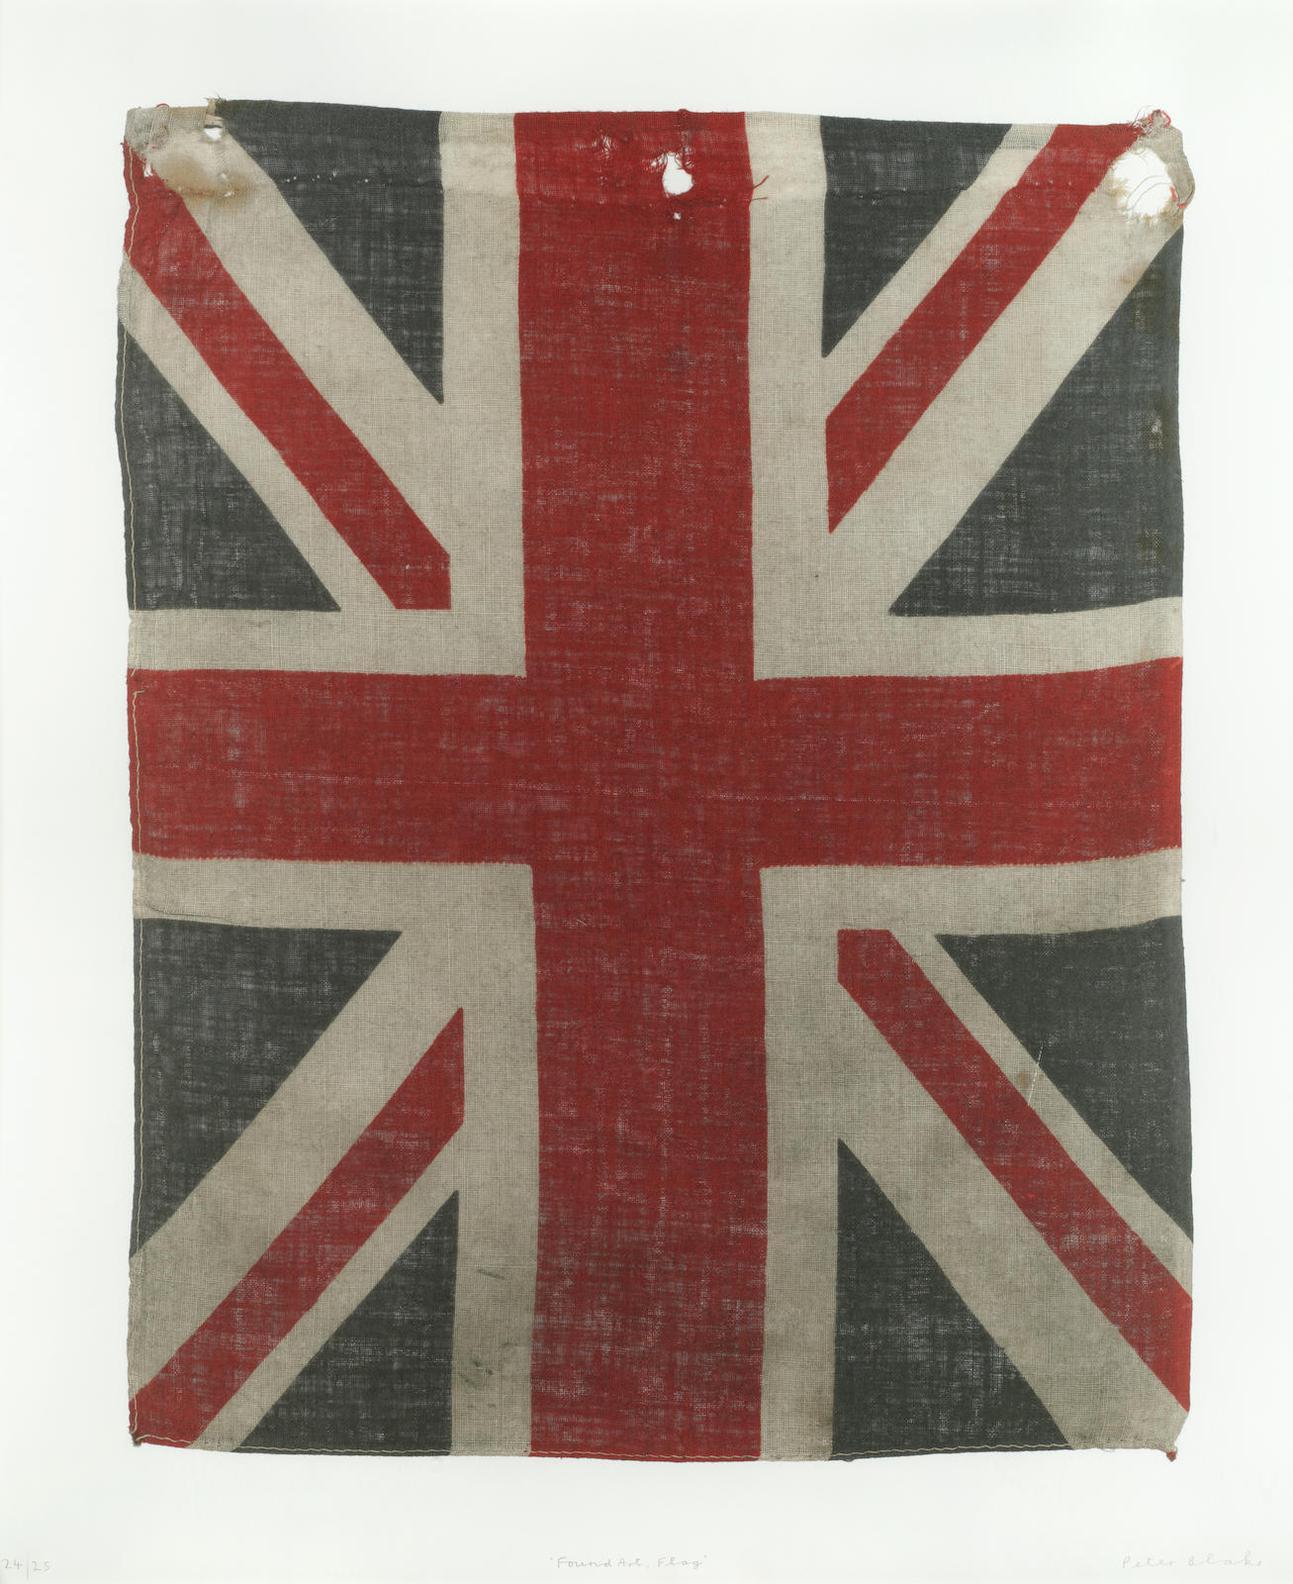 Sir Peter Blake - Found Art, Flag-